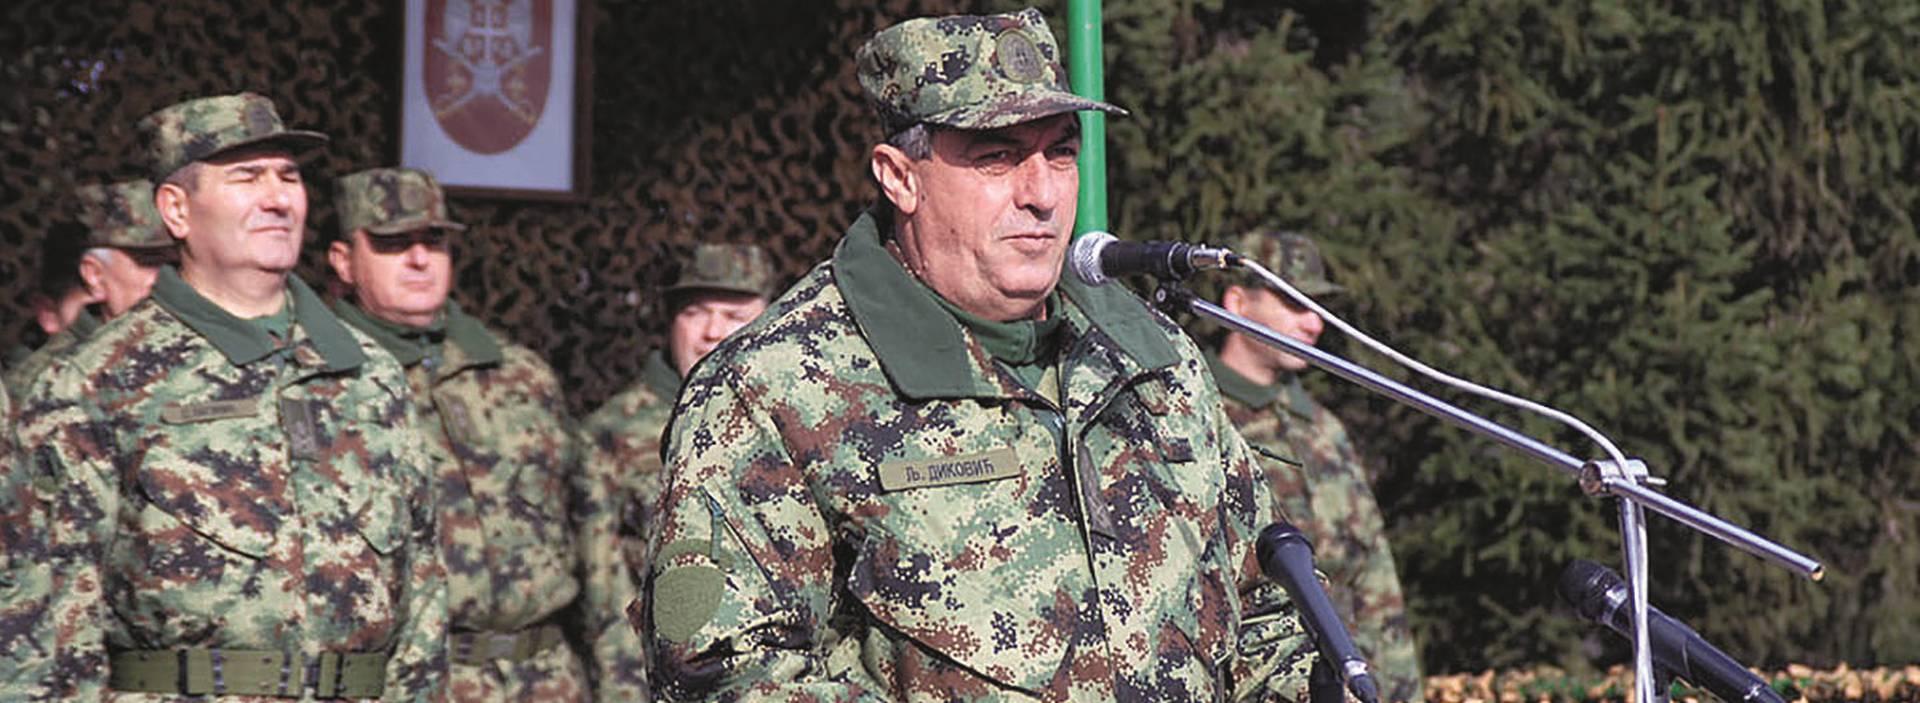 UBIJENO VIŠE OD 70 ALBANSKIH CIVILA Šefa srpske vojske sumnjiče za ratni zločin